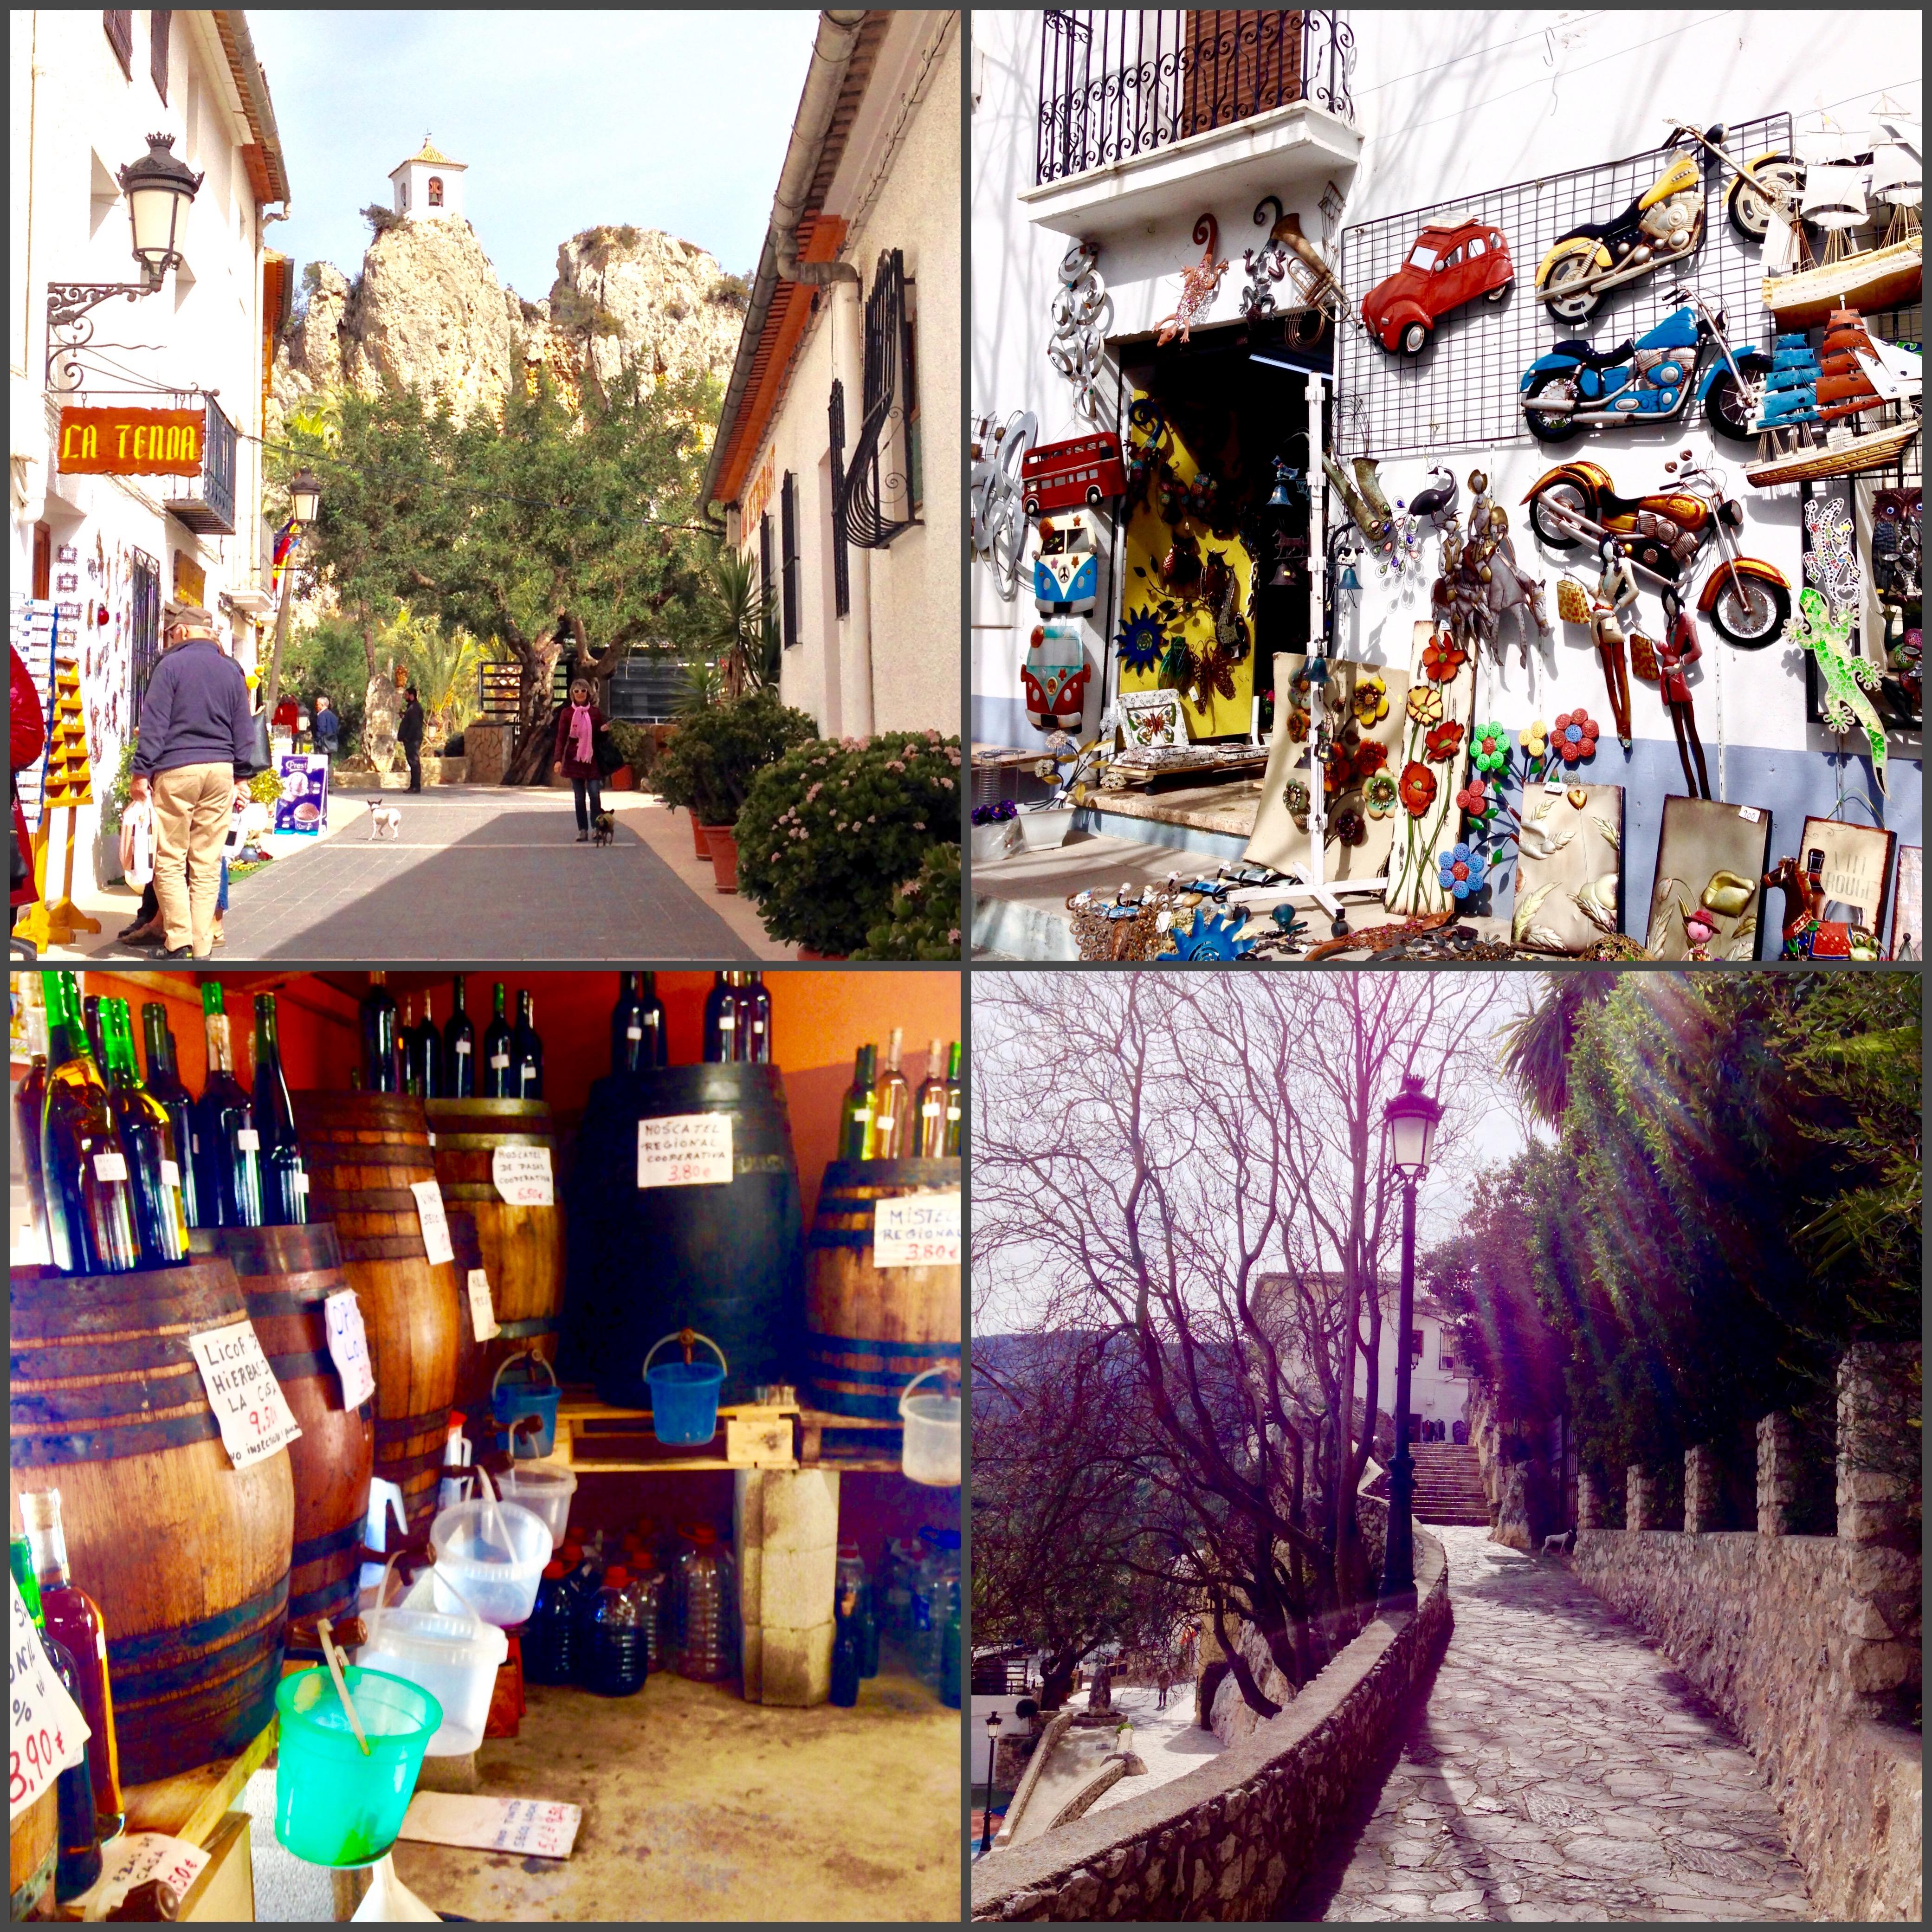 Excursión a Guadalest.